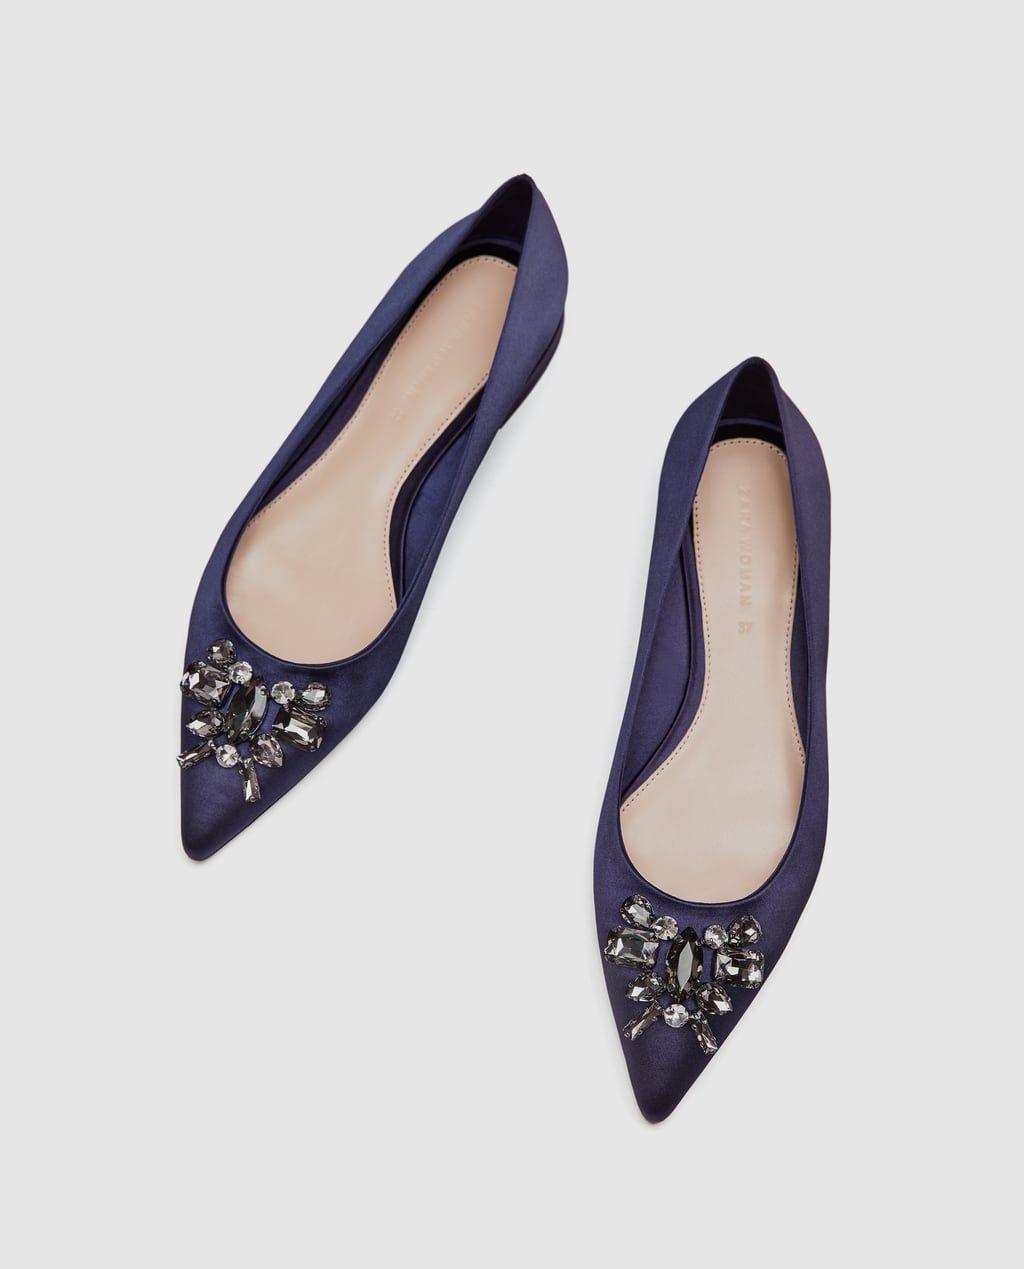 40. BALLERINA MIT BROSCHE von Zara in 2019 | Schuhe frauen